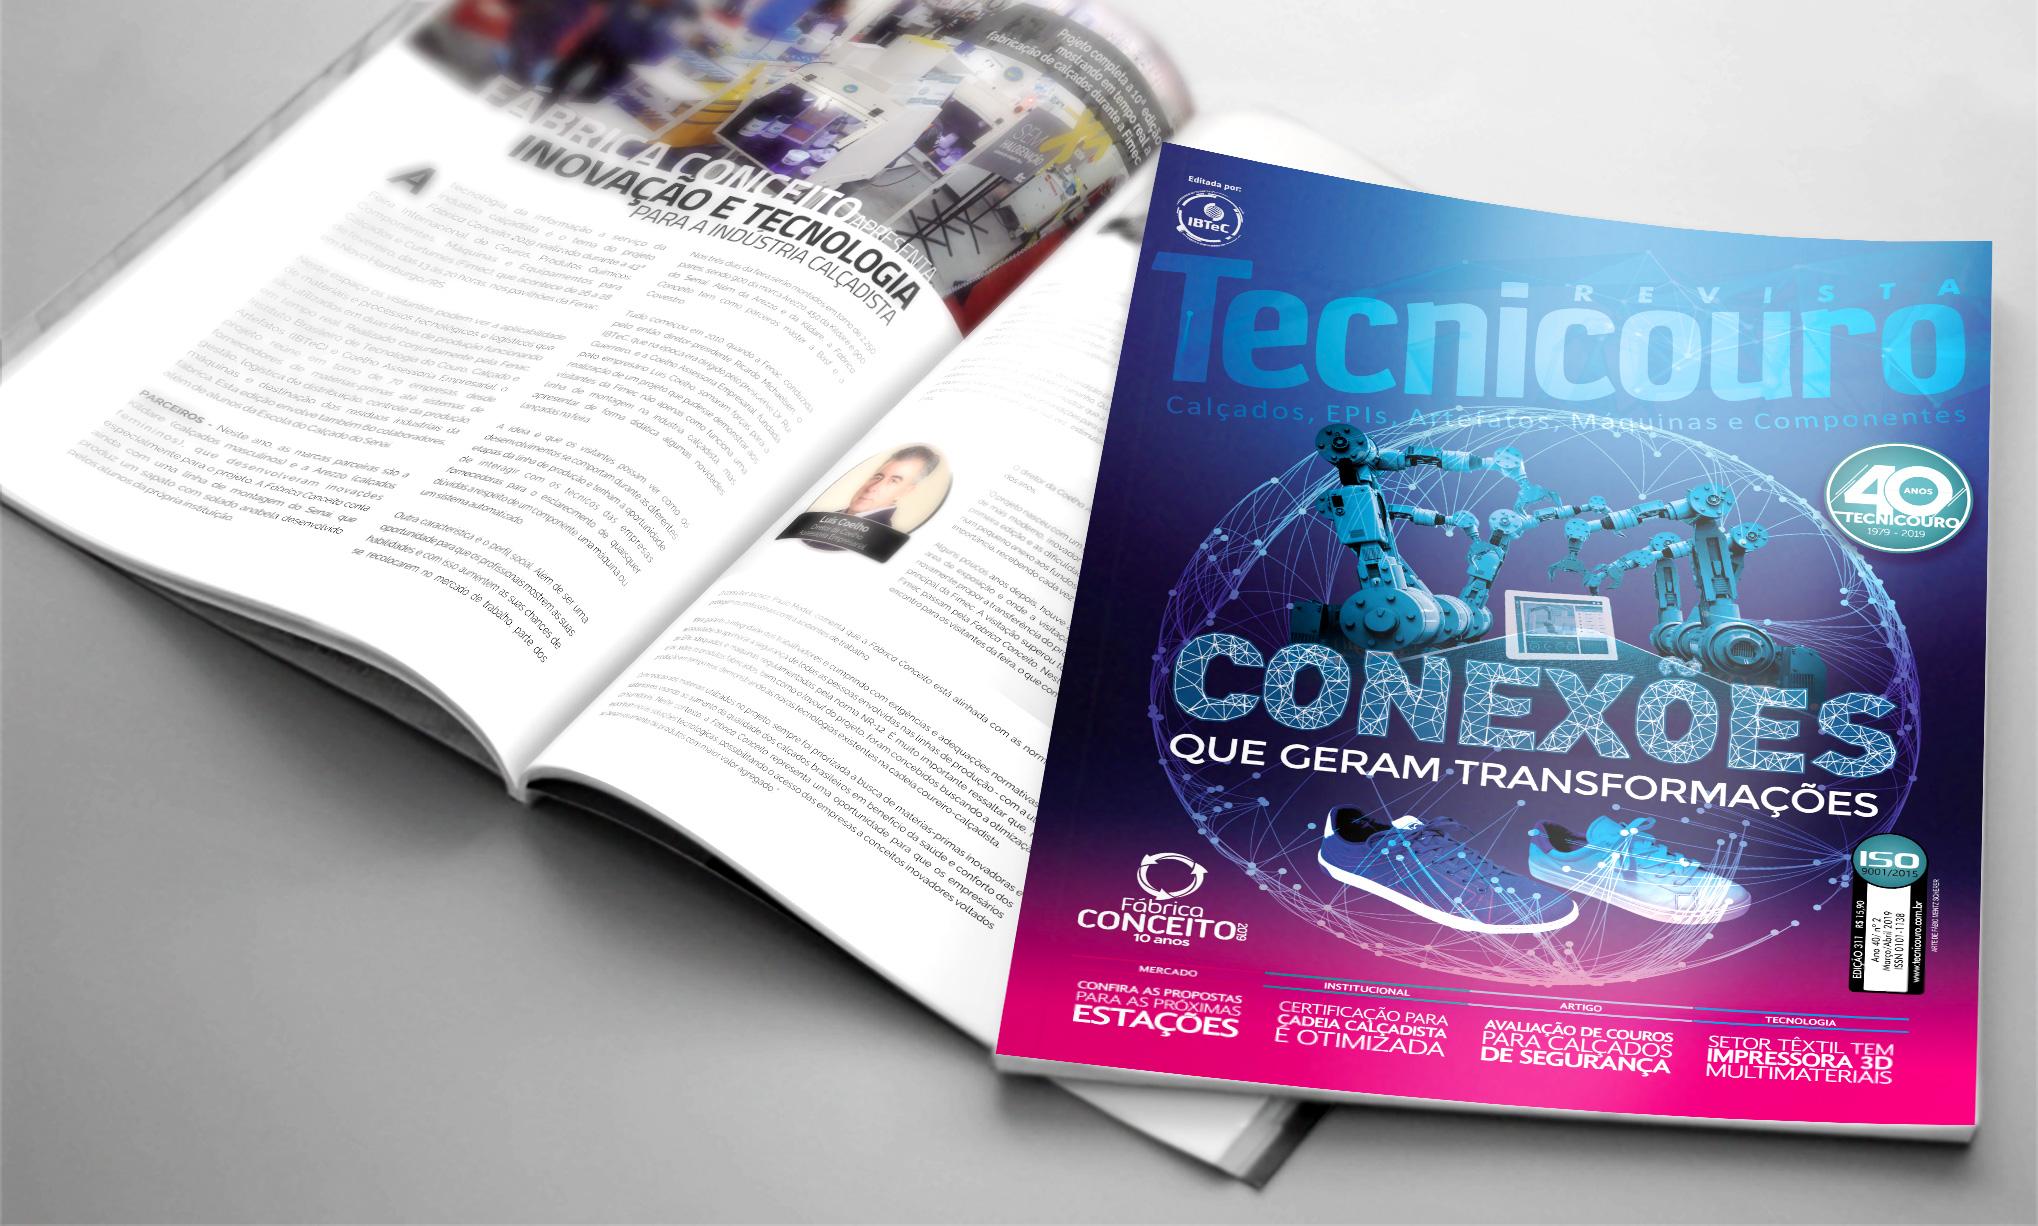 Revista Tecnicouro  a6616e325a1fa